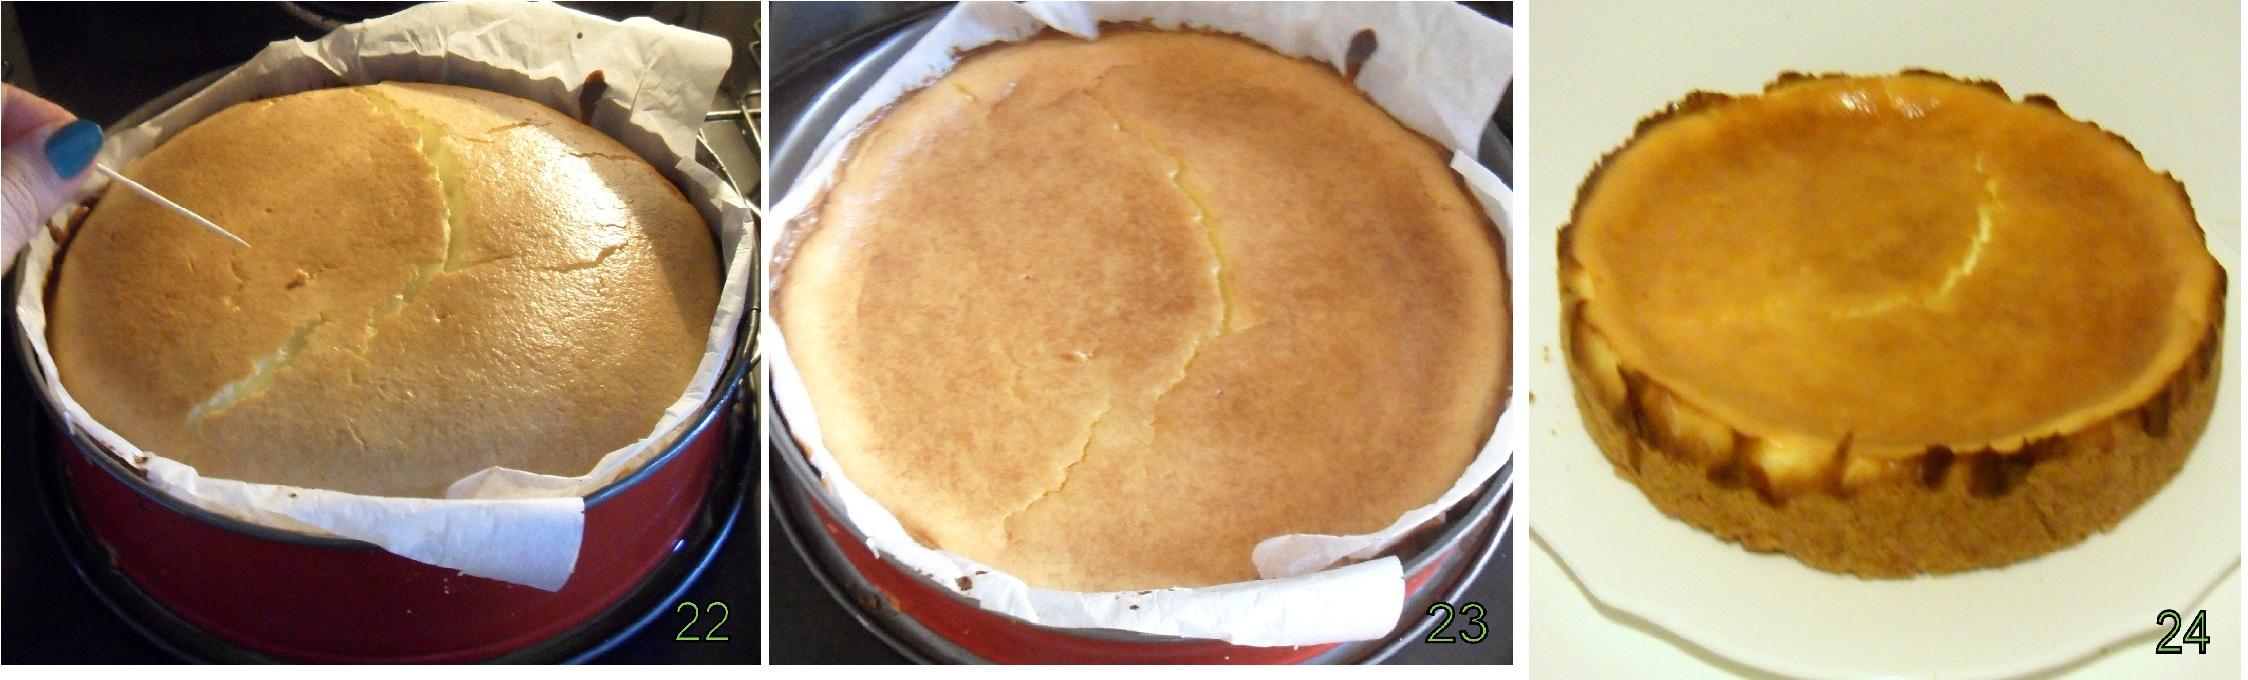 New york cheesecake alle amarene ricetta al forno il chicco di mais 8